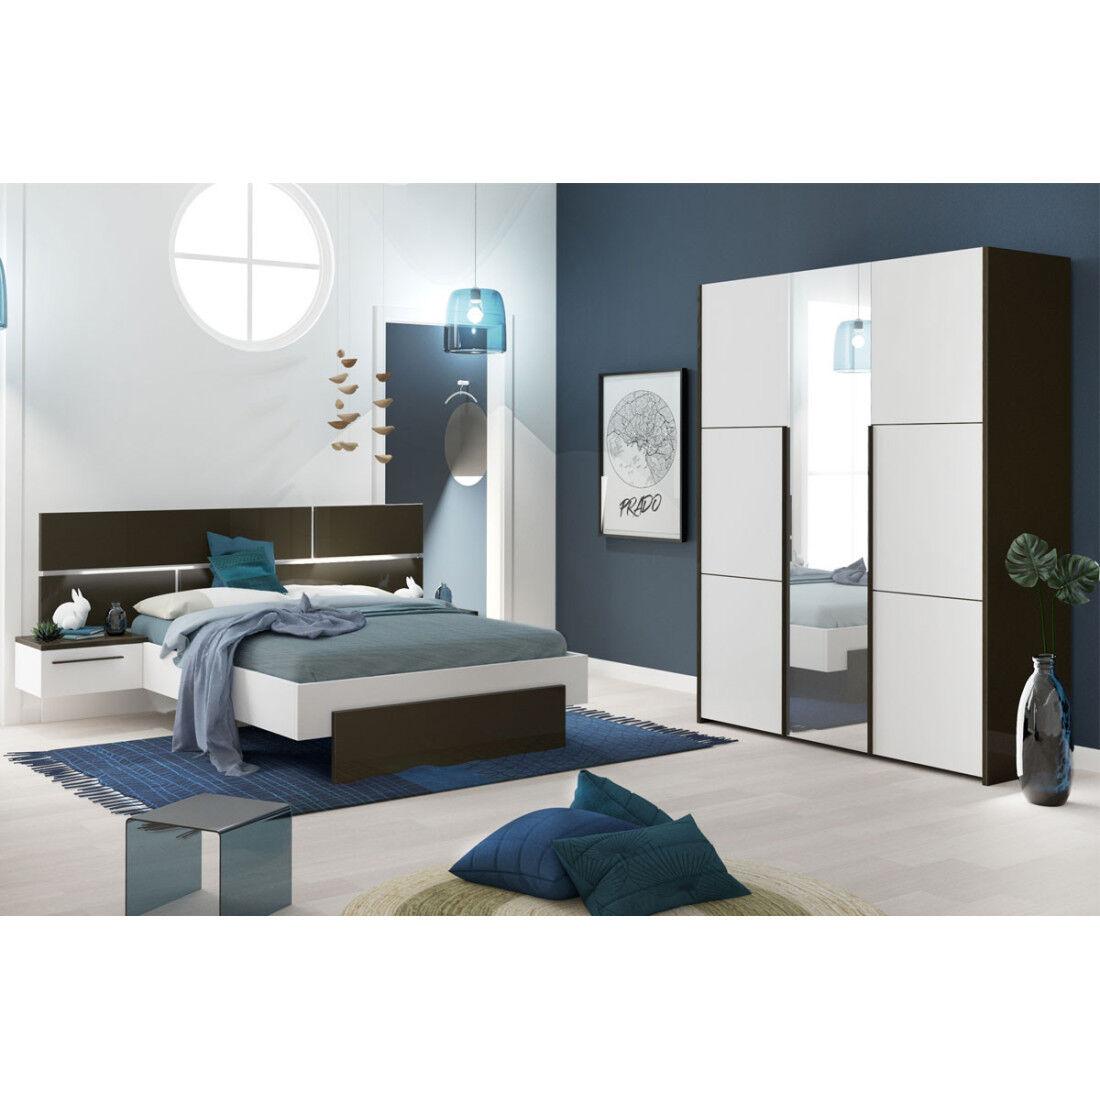 Tousmesmeubles Chambre Adulte Complète Gris/Blanc (140*190) - FLORINE n°2 - L 244 x l 198 x H 40/102